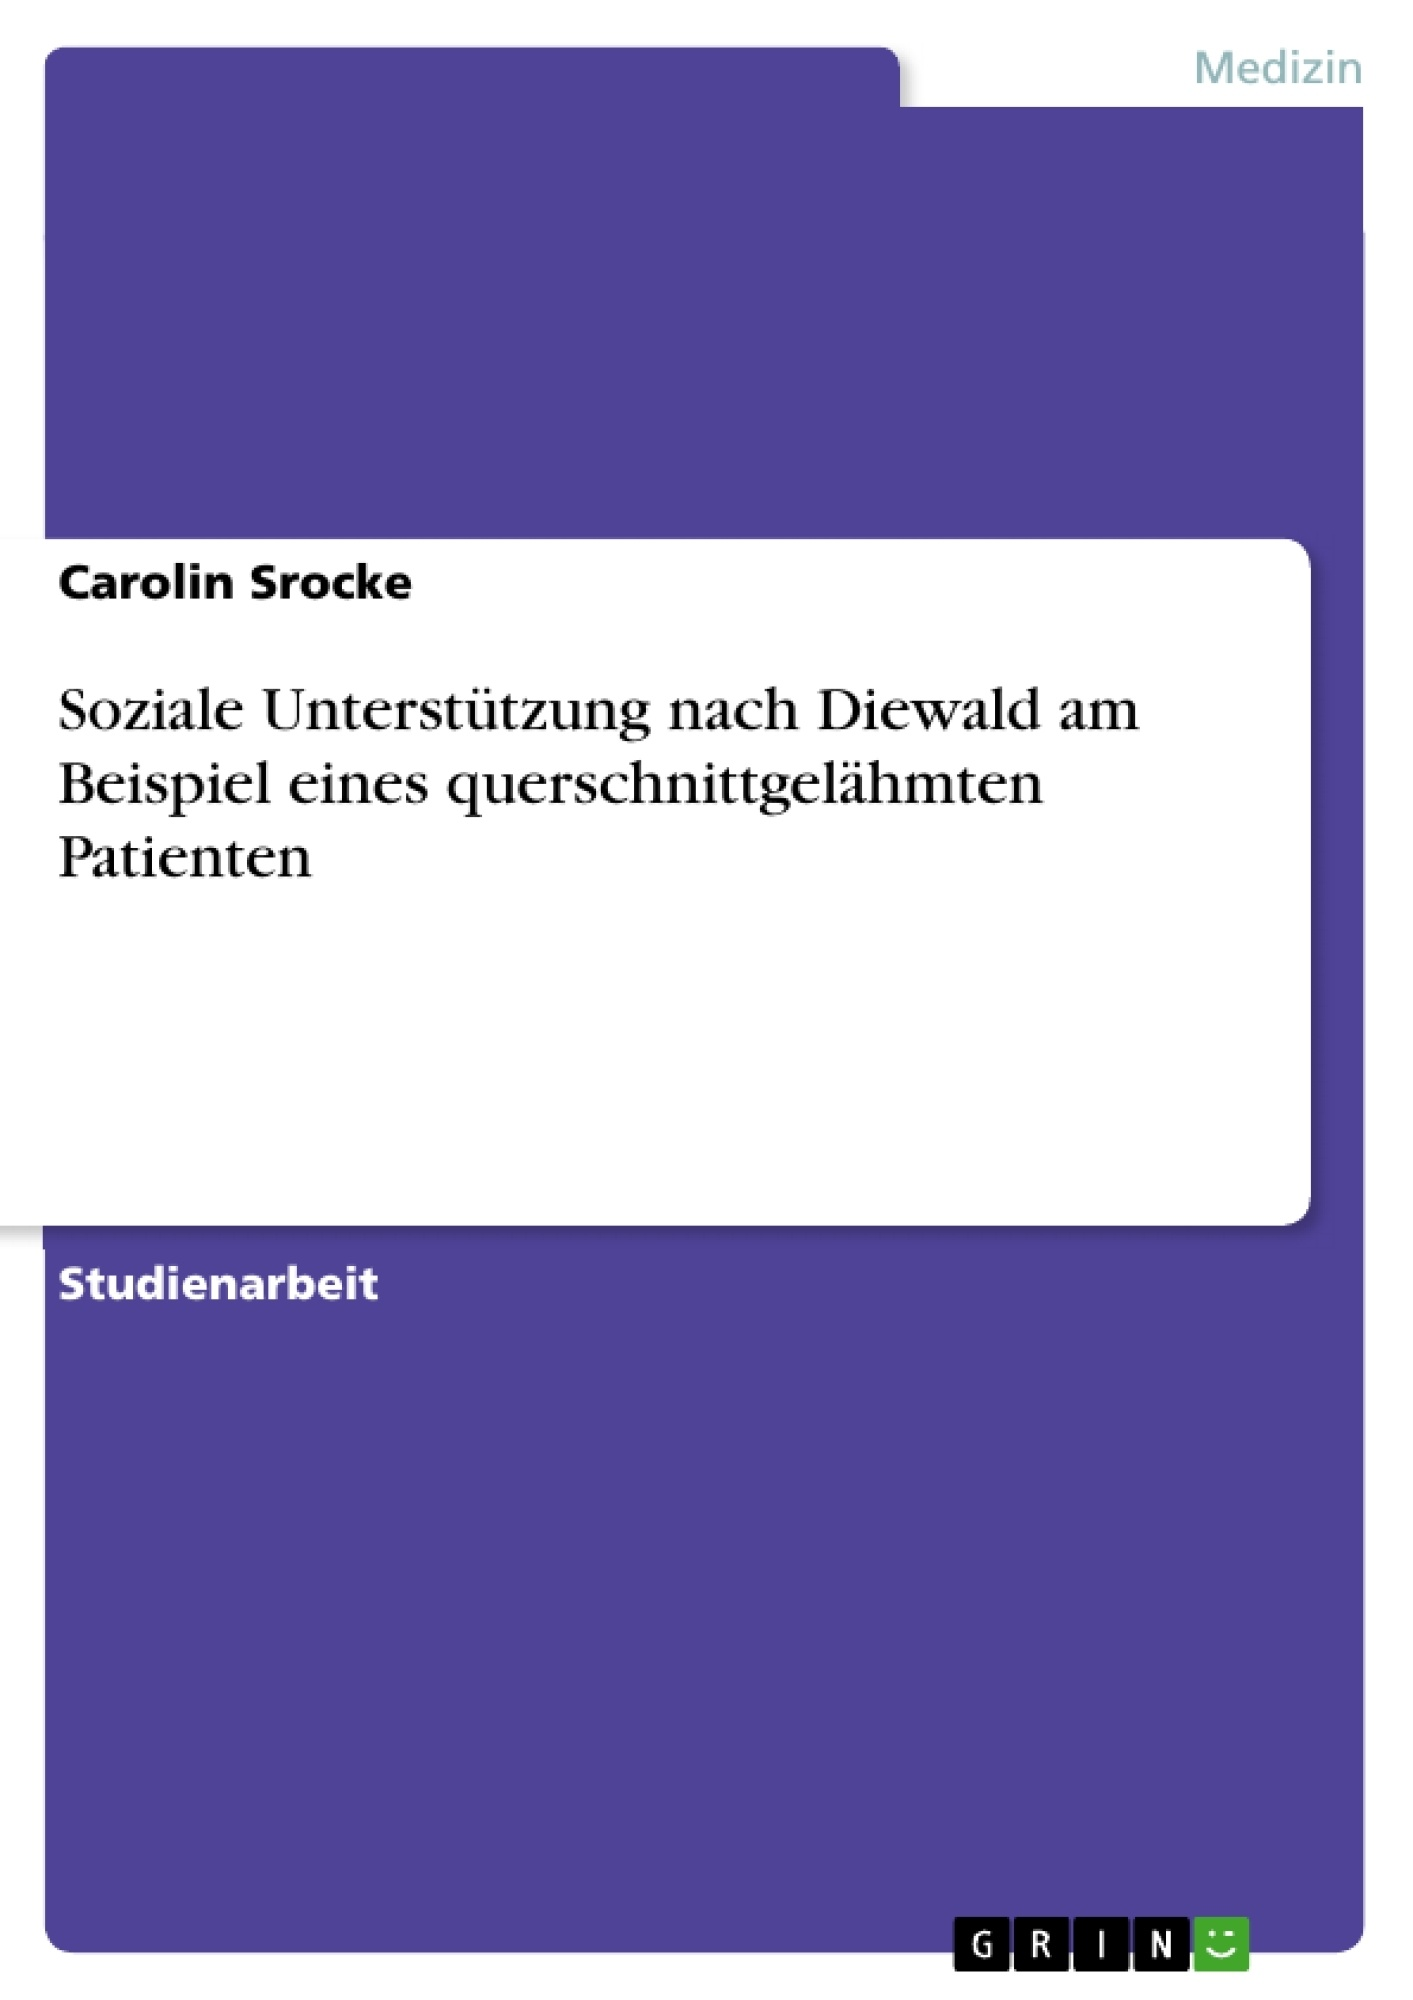 Titel: Soziale Unterstützung nach Diewald am Beispiel eines querschnittgelähmten Patienten